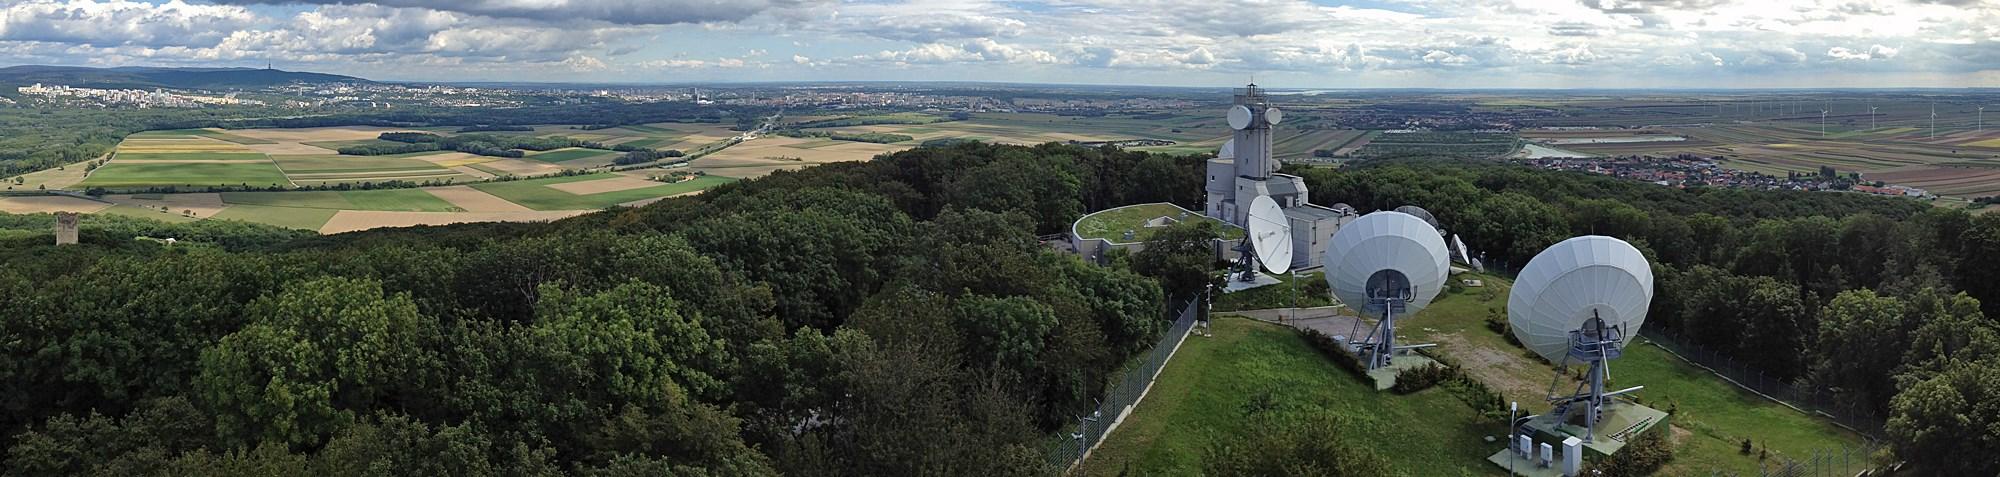 Bildergebnis für königswarte geschichte hainburg